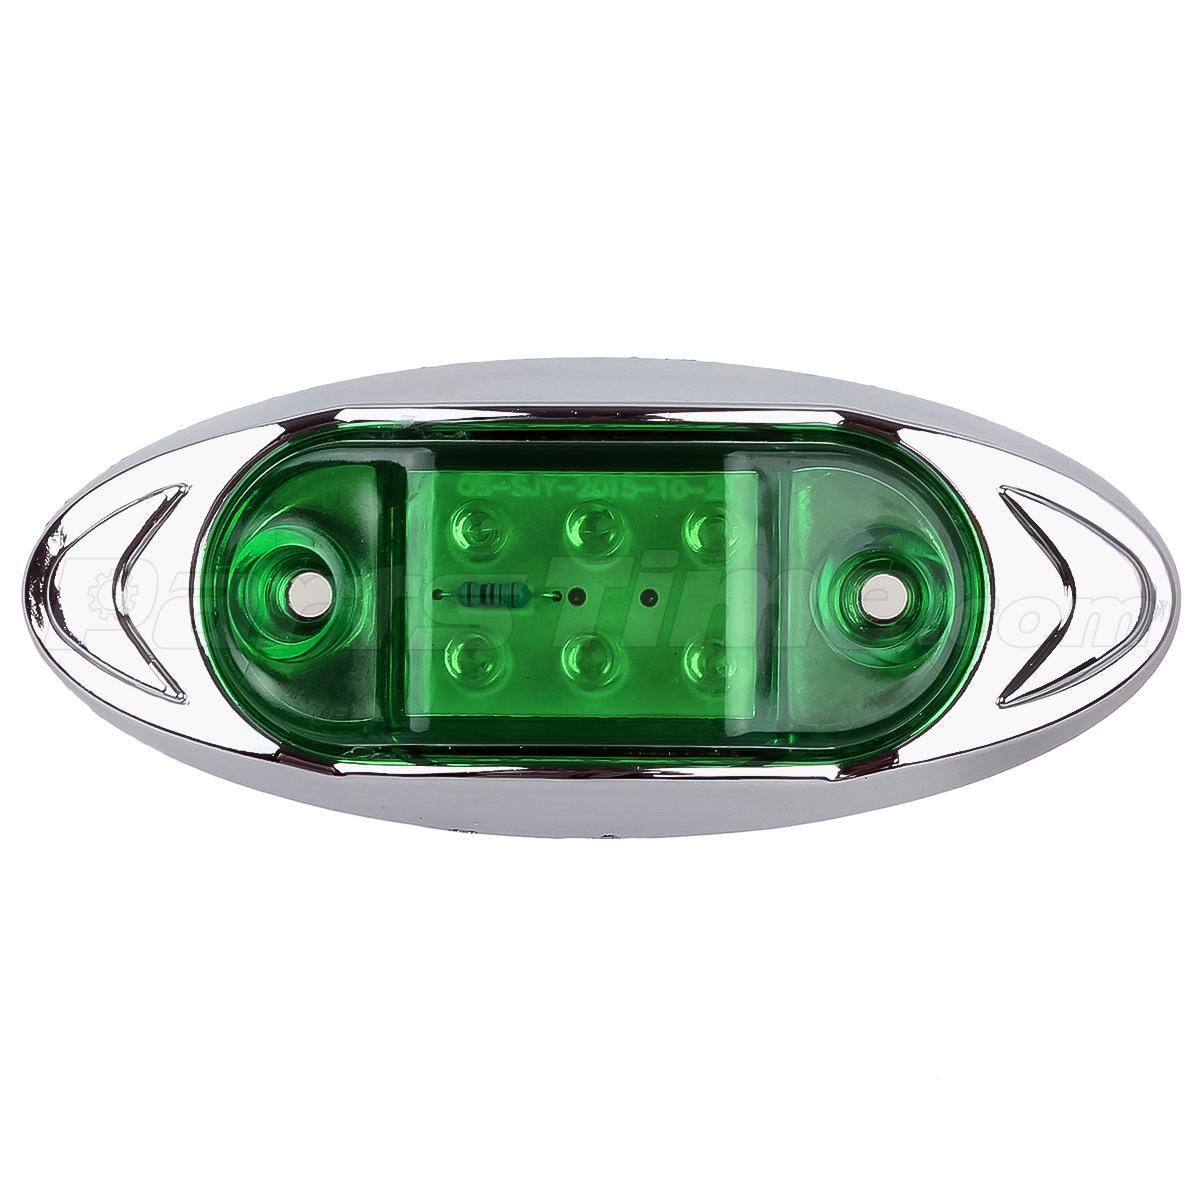 Rv Marker Light Bulbs